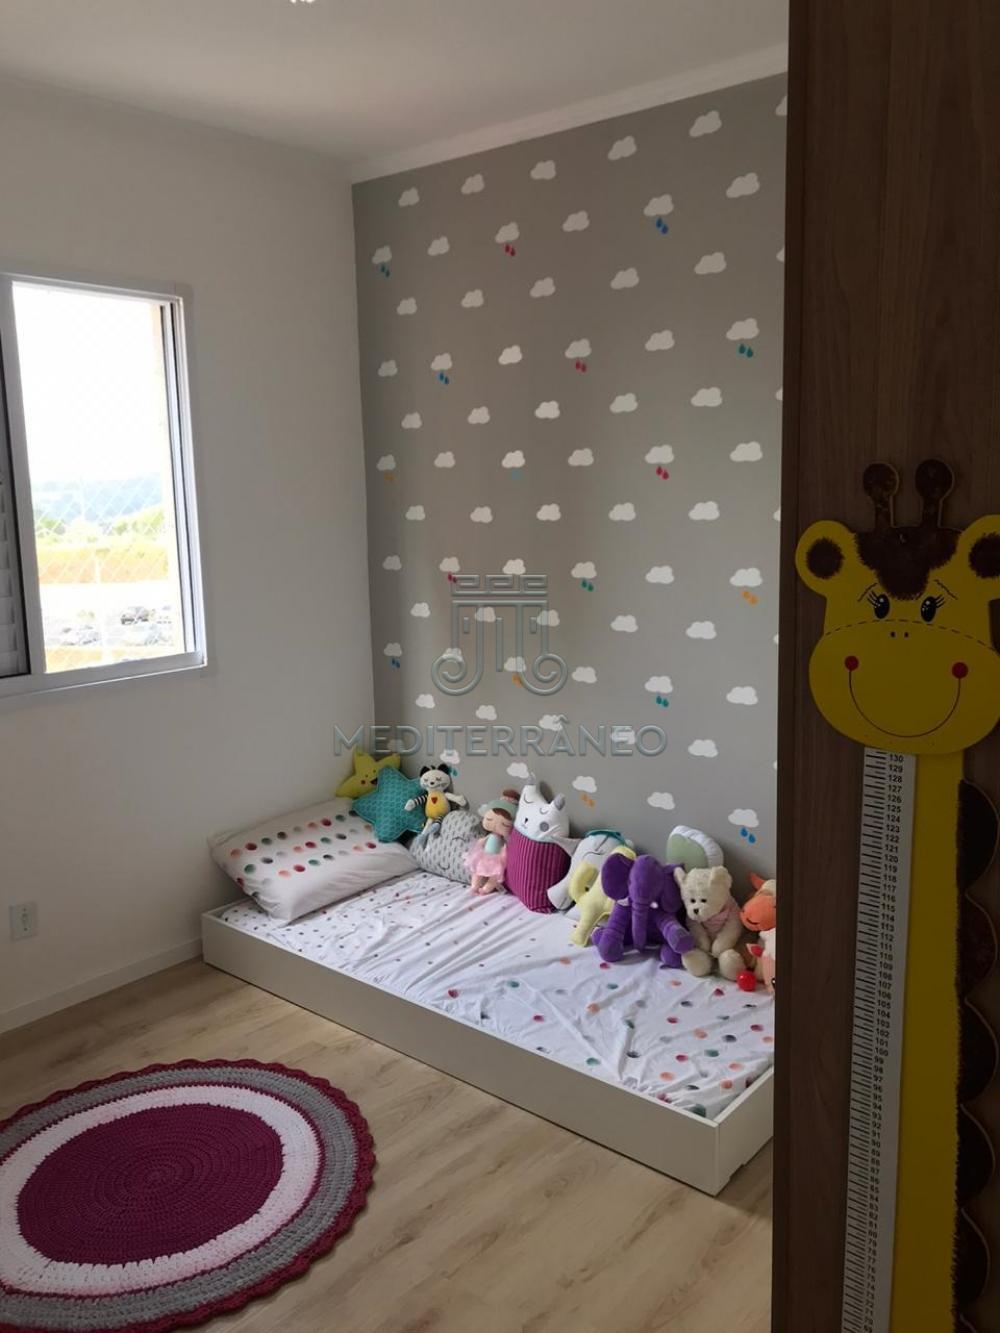 Comprar Apartamento / Padrão em Jundiaí apenas R$ 290.000,00 - Foto 9